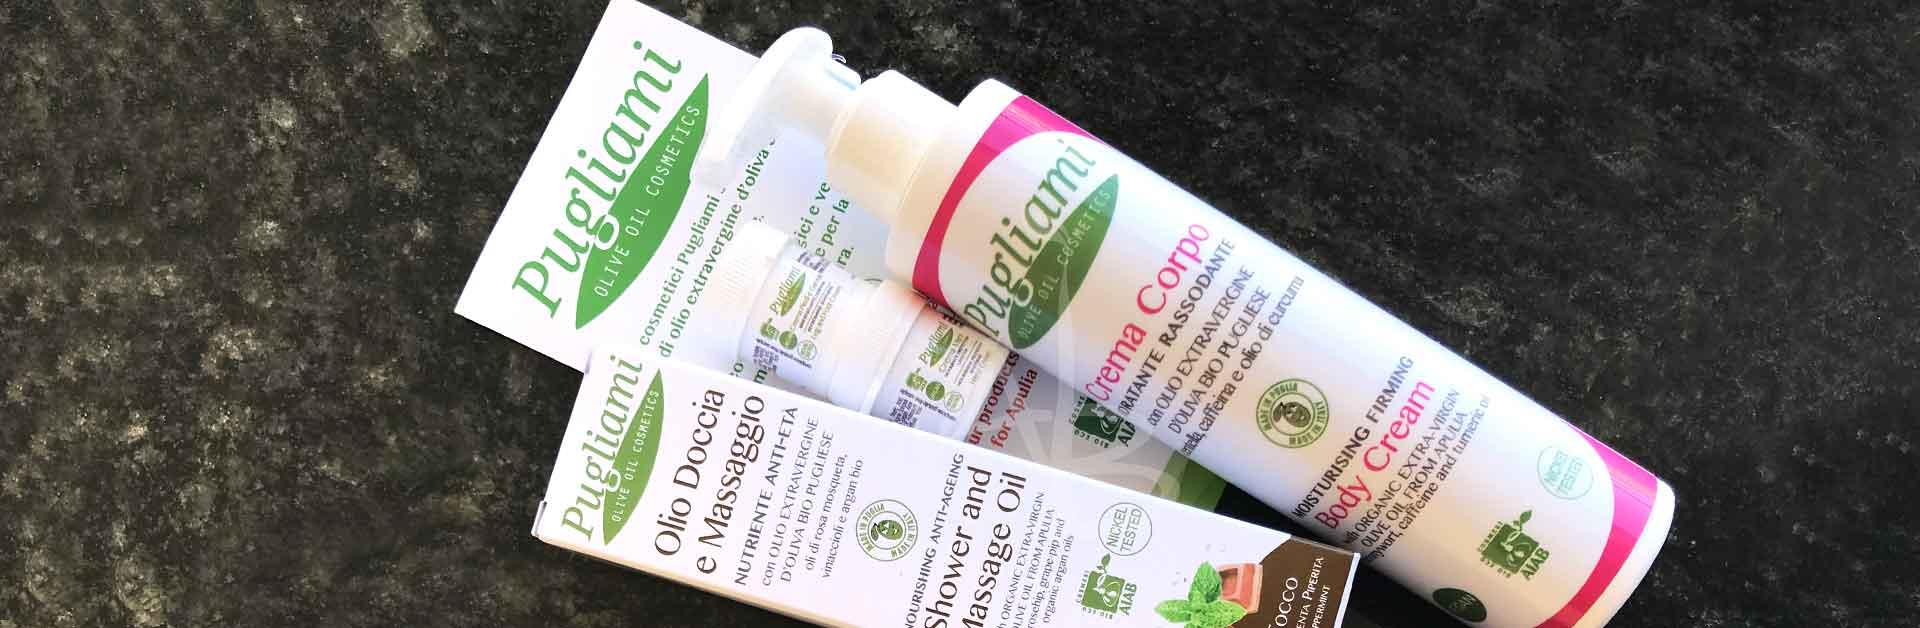 Crema corpo e olio da massaggio di Pugliami